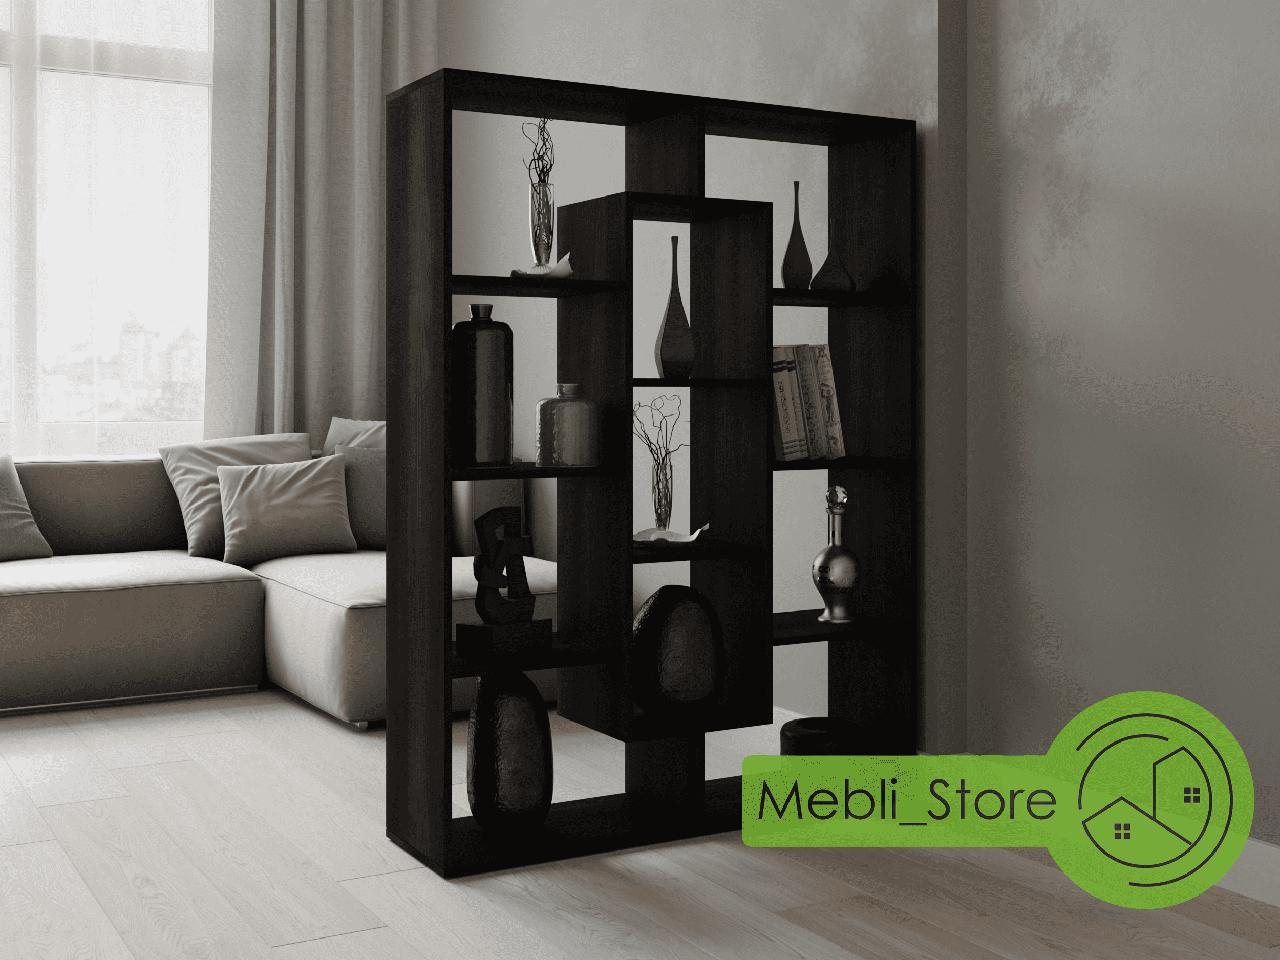 Полка для книг, стеллаж для дома из ДСП на 11 ячеек (4 ЦВЕТА) / Сделаем по Вашим размерам!